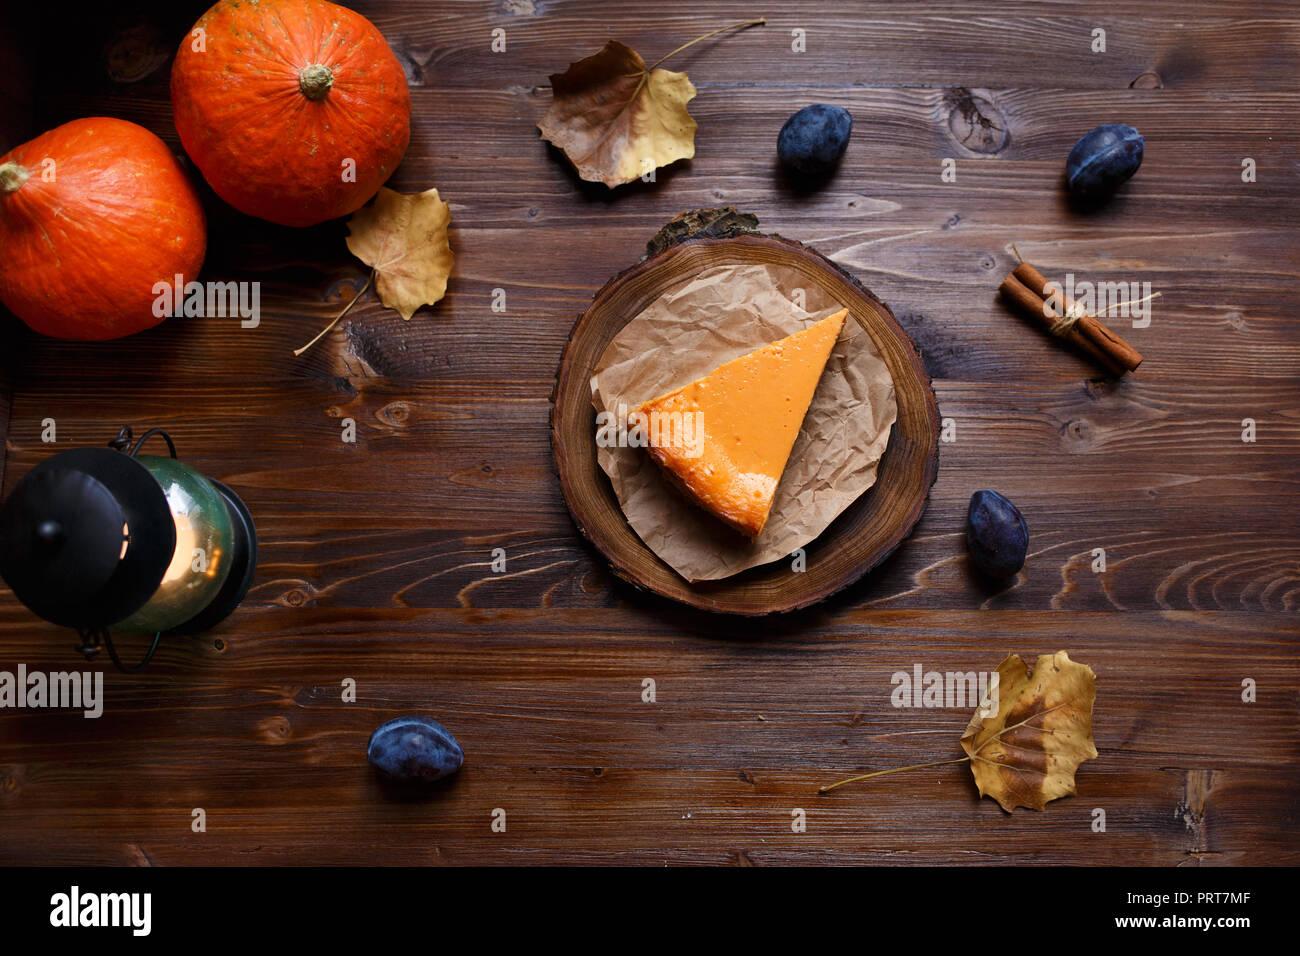 Gâteau au fromage à la citrouille cuite, à la maison, de citrouilles, de prune, de vanille , feuillage sur un tableau noir en bois. L'automne et l'hiver concept confortable. Et Menu restaurant conce Banque D'Images